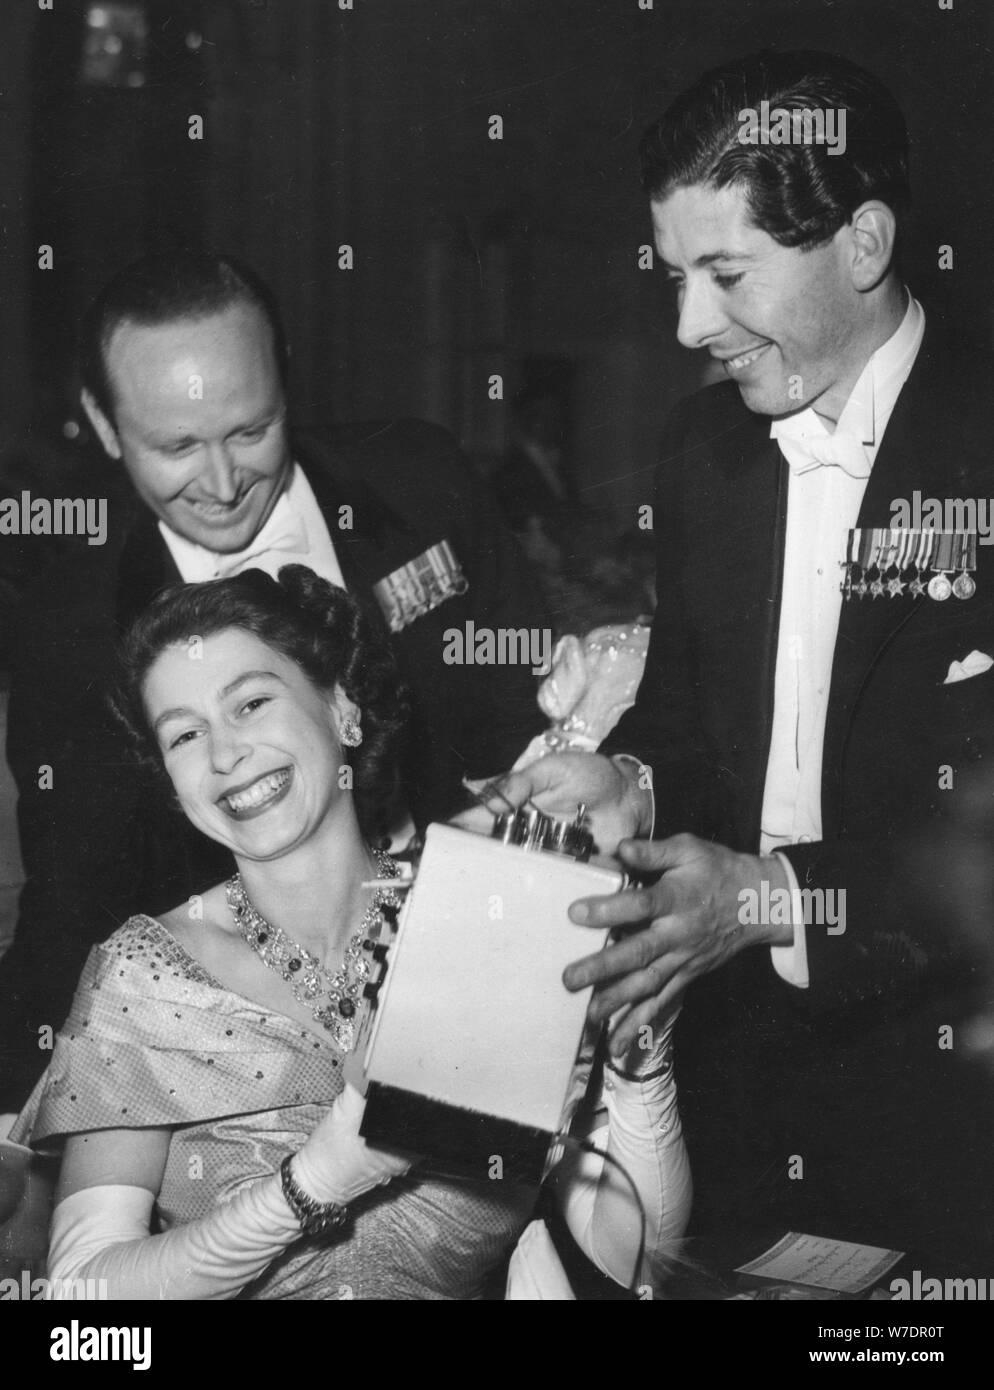 Prinzessin Elizabeth erhält ein Spielzeug Herd für Prinz Charlesat die Blume Kugel, Hotel Savoy, 1951. Artist: Unbekannt Stockfoto